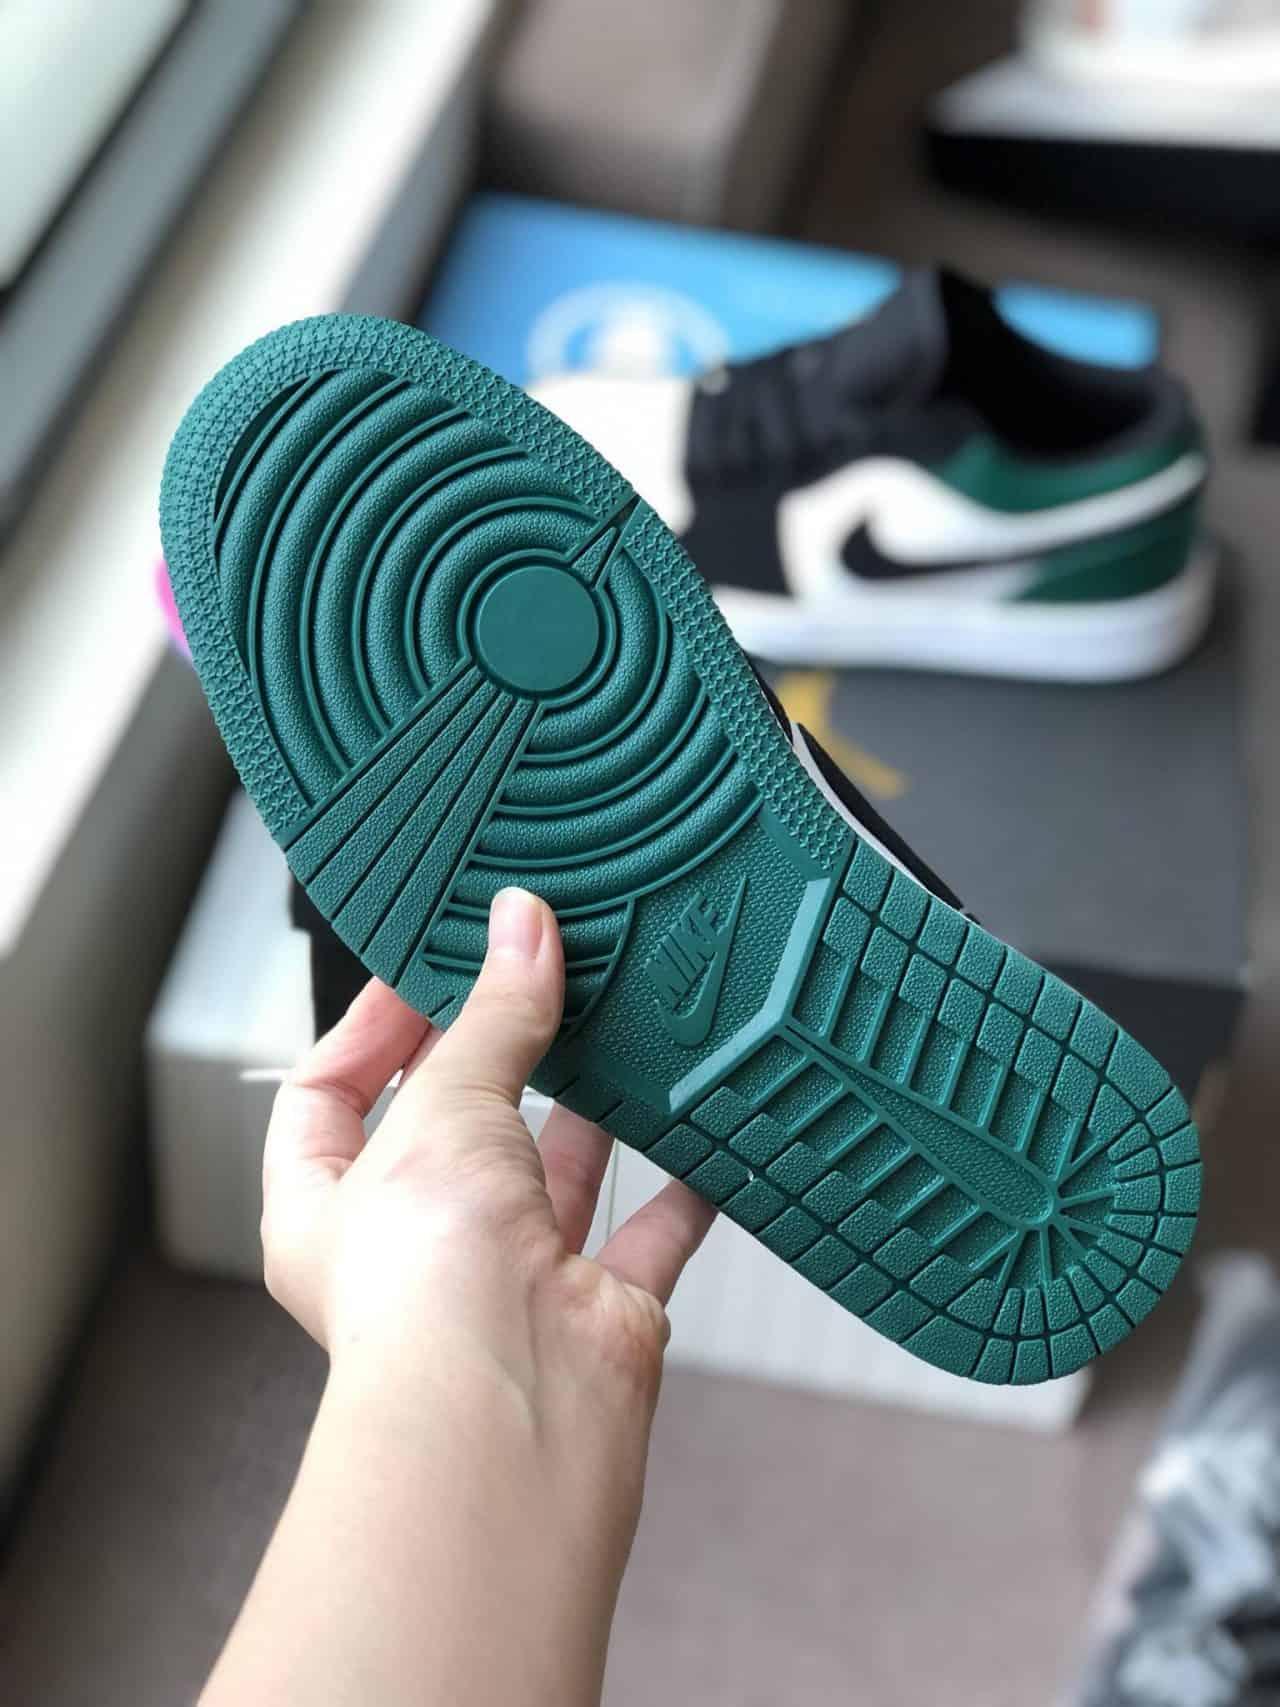 Phần đế giày Nike Air Jordan 1 Low Xanh Đen Rep 1:1 làm bằng cao su